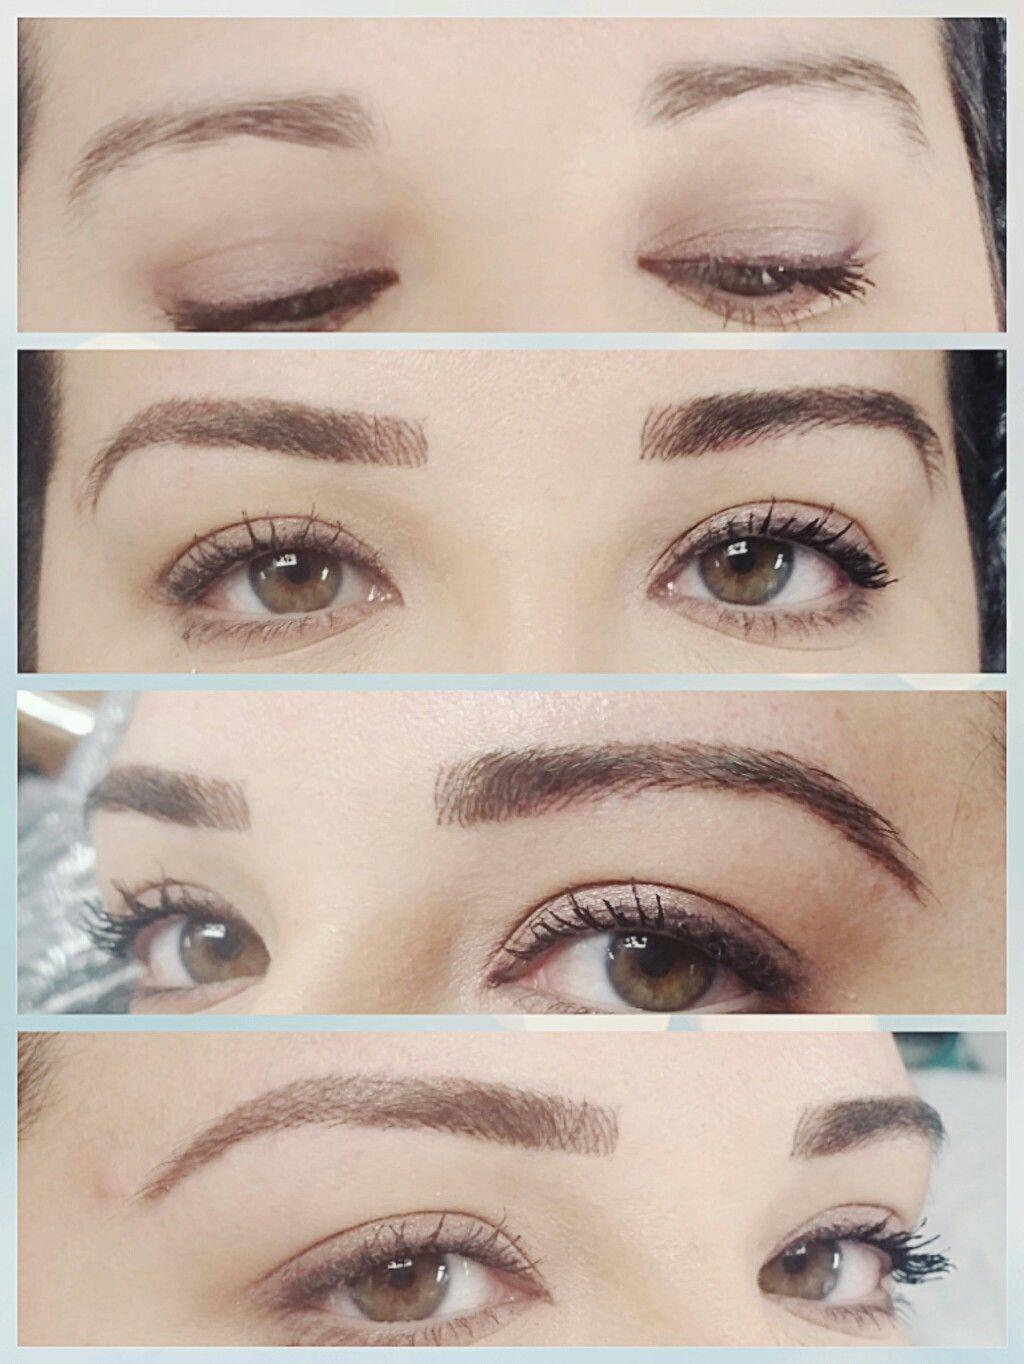 Ednaeybrows Atlanta Eyebrows Microblading Hairstroke